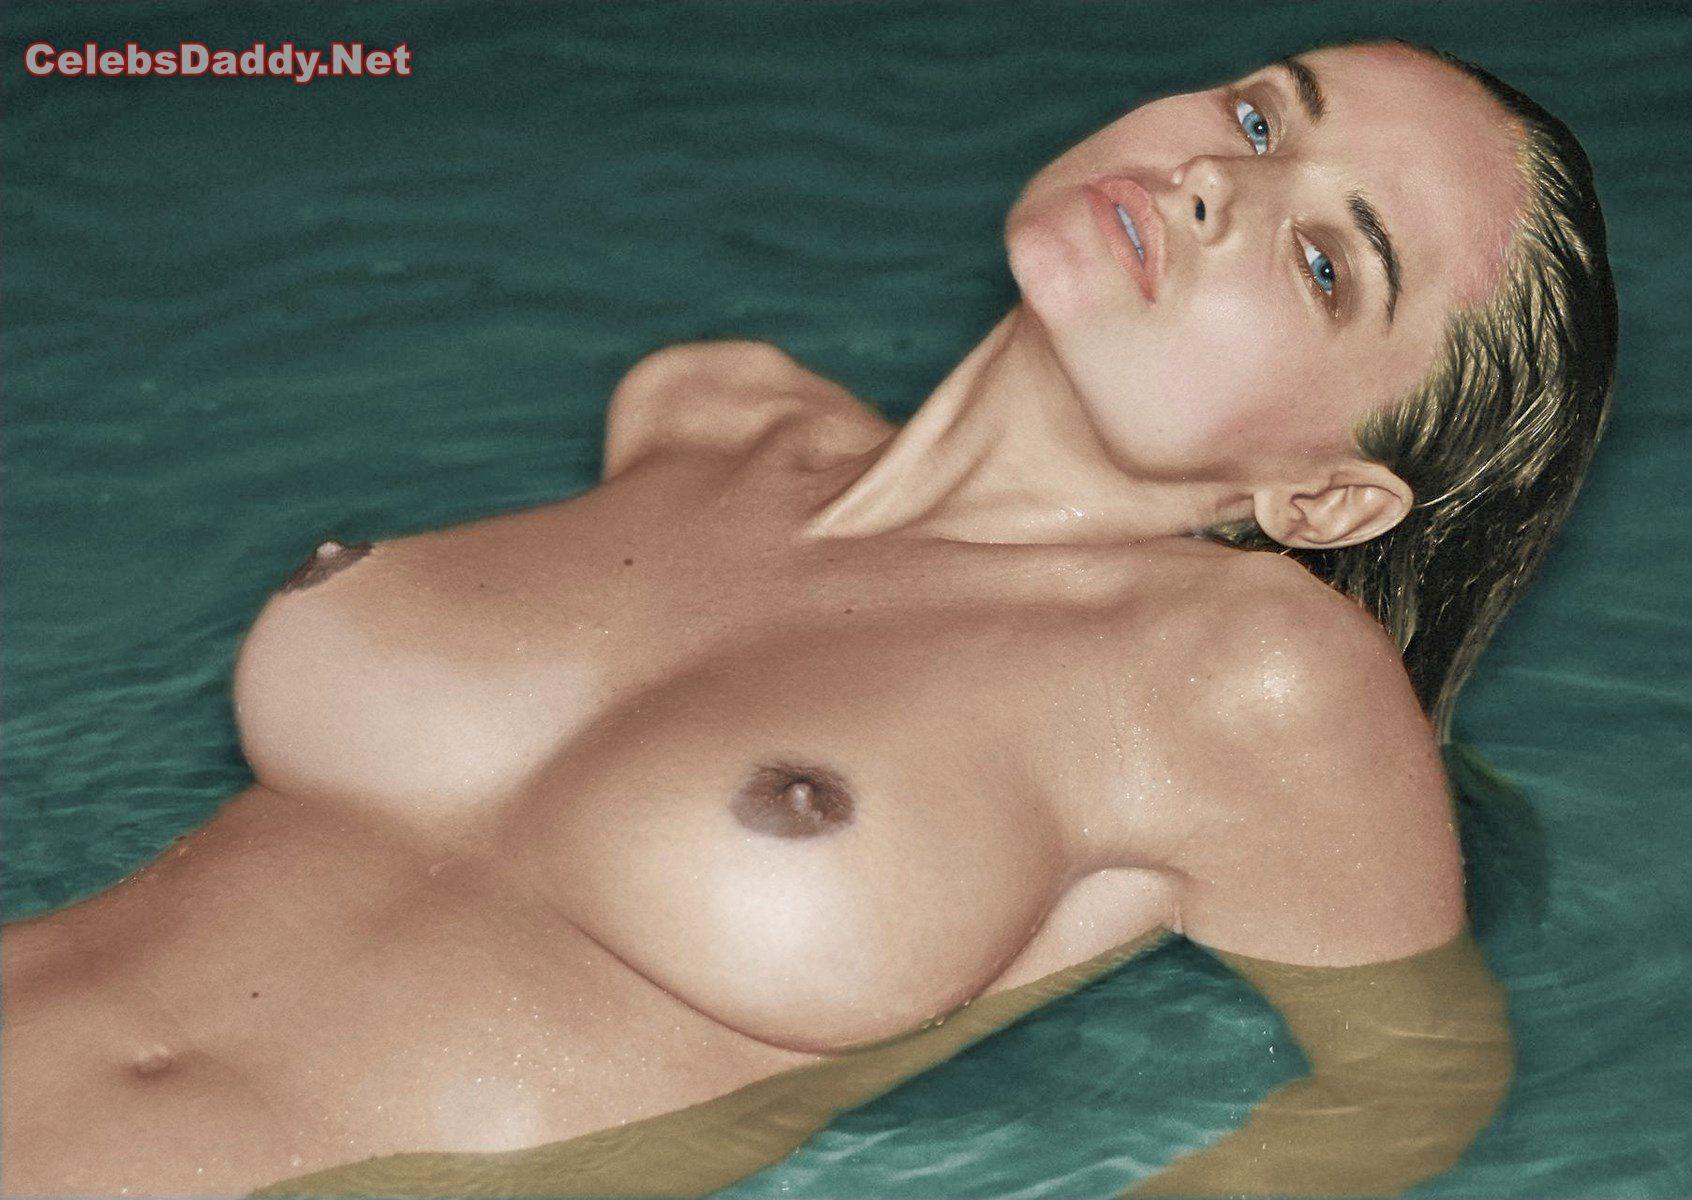 genevieve morton nude photos 009